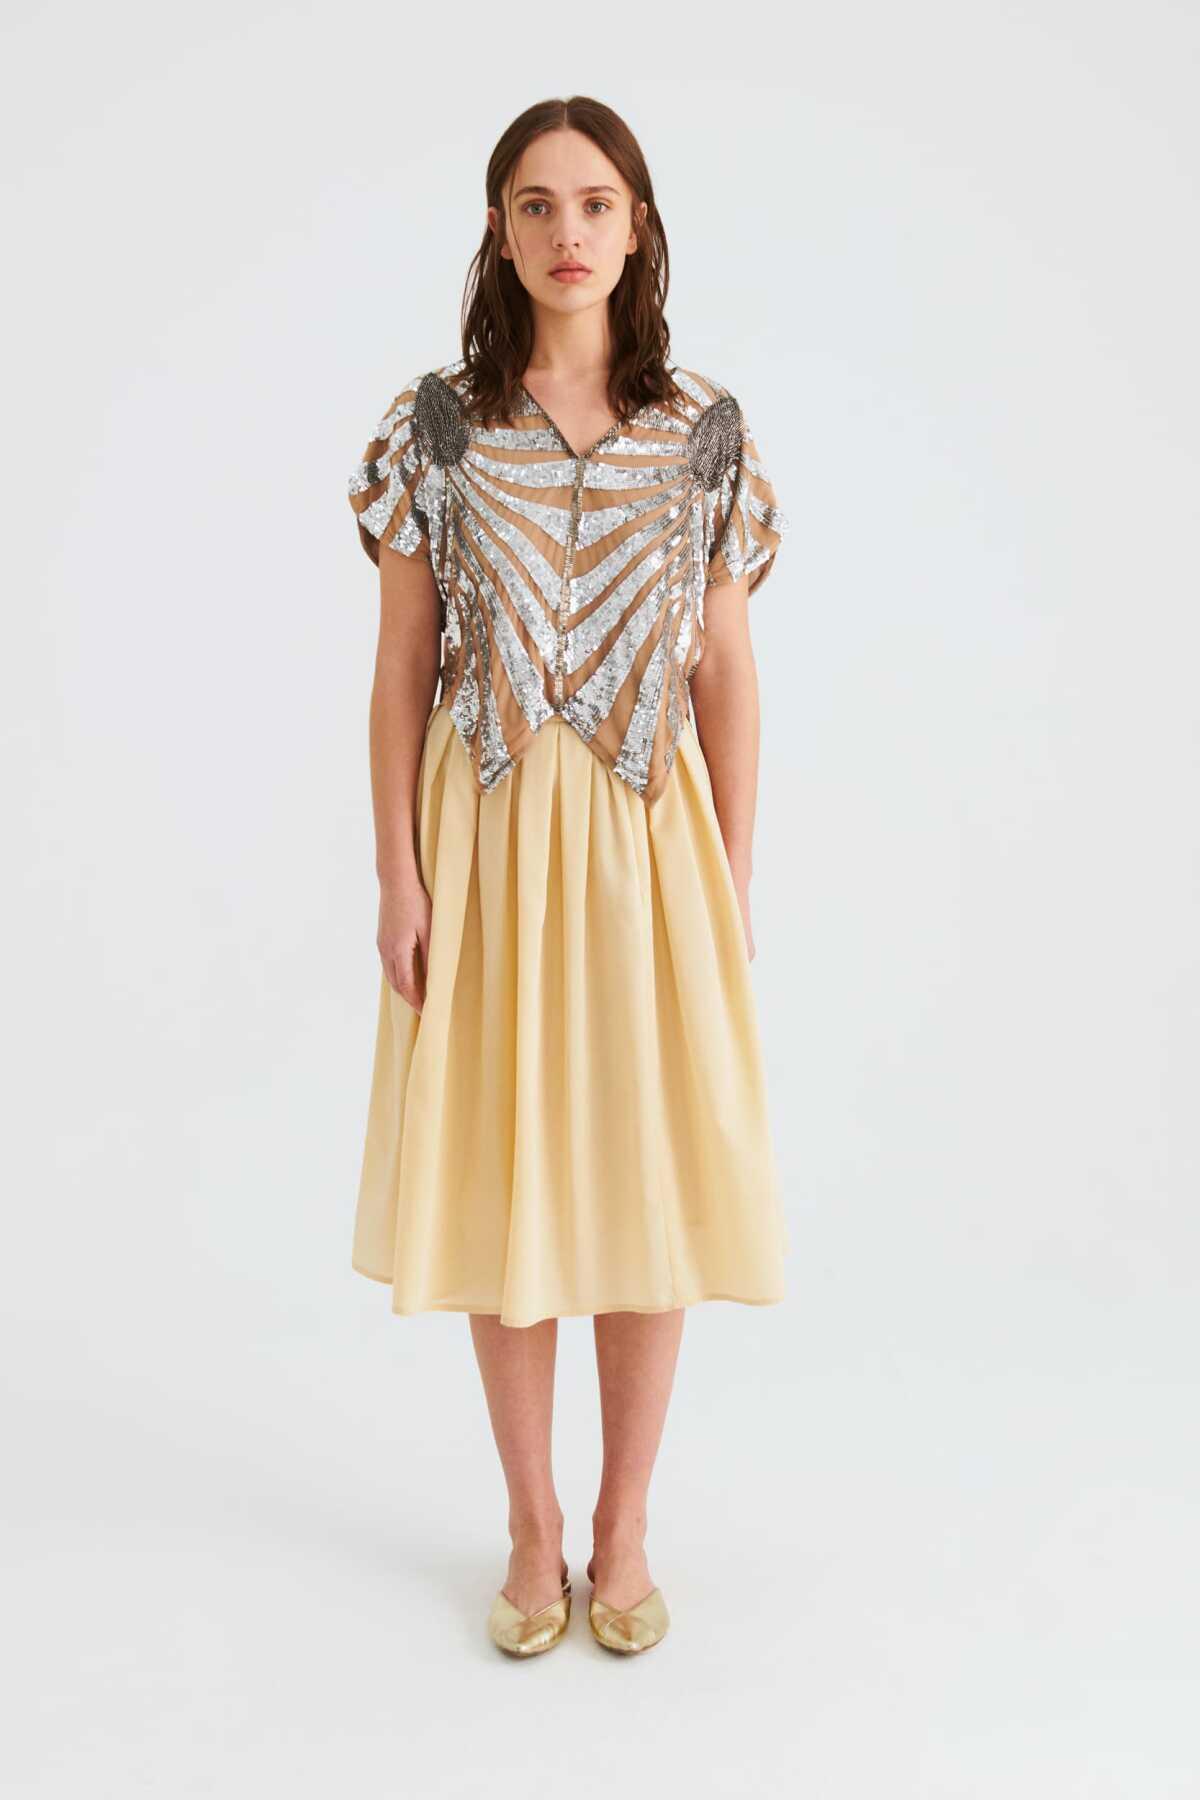 Üzeri Fırfır Detaylı Fuşya Elbise ürün görseli